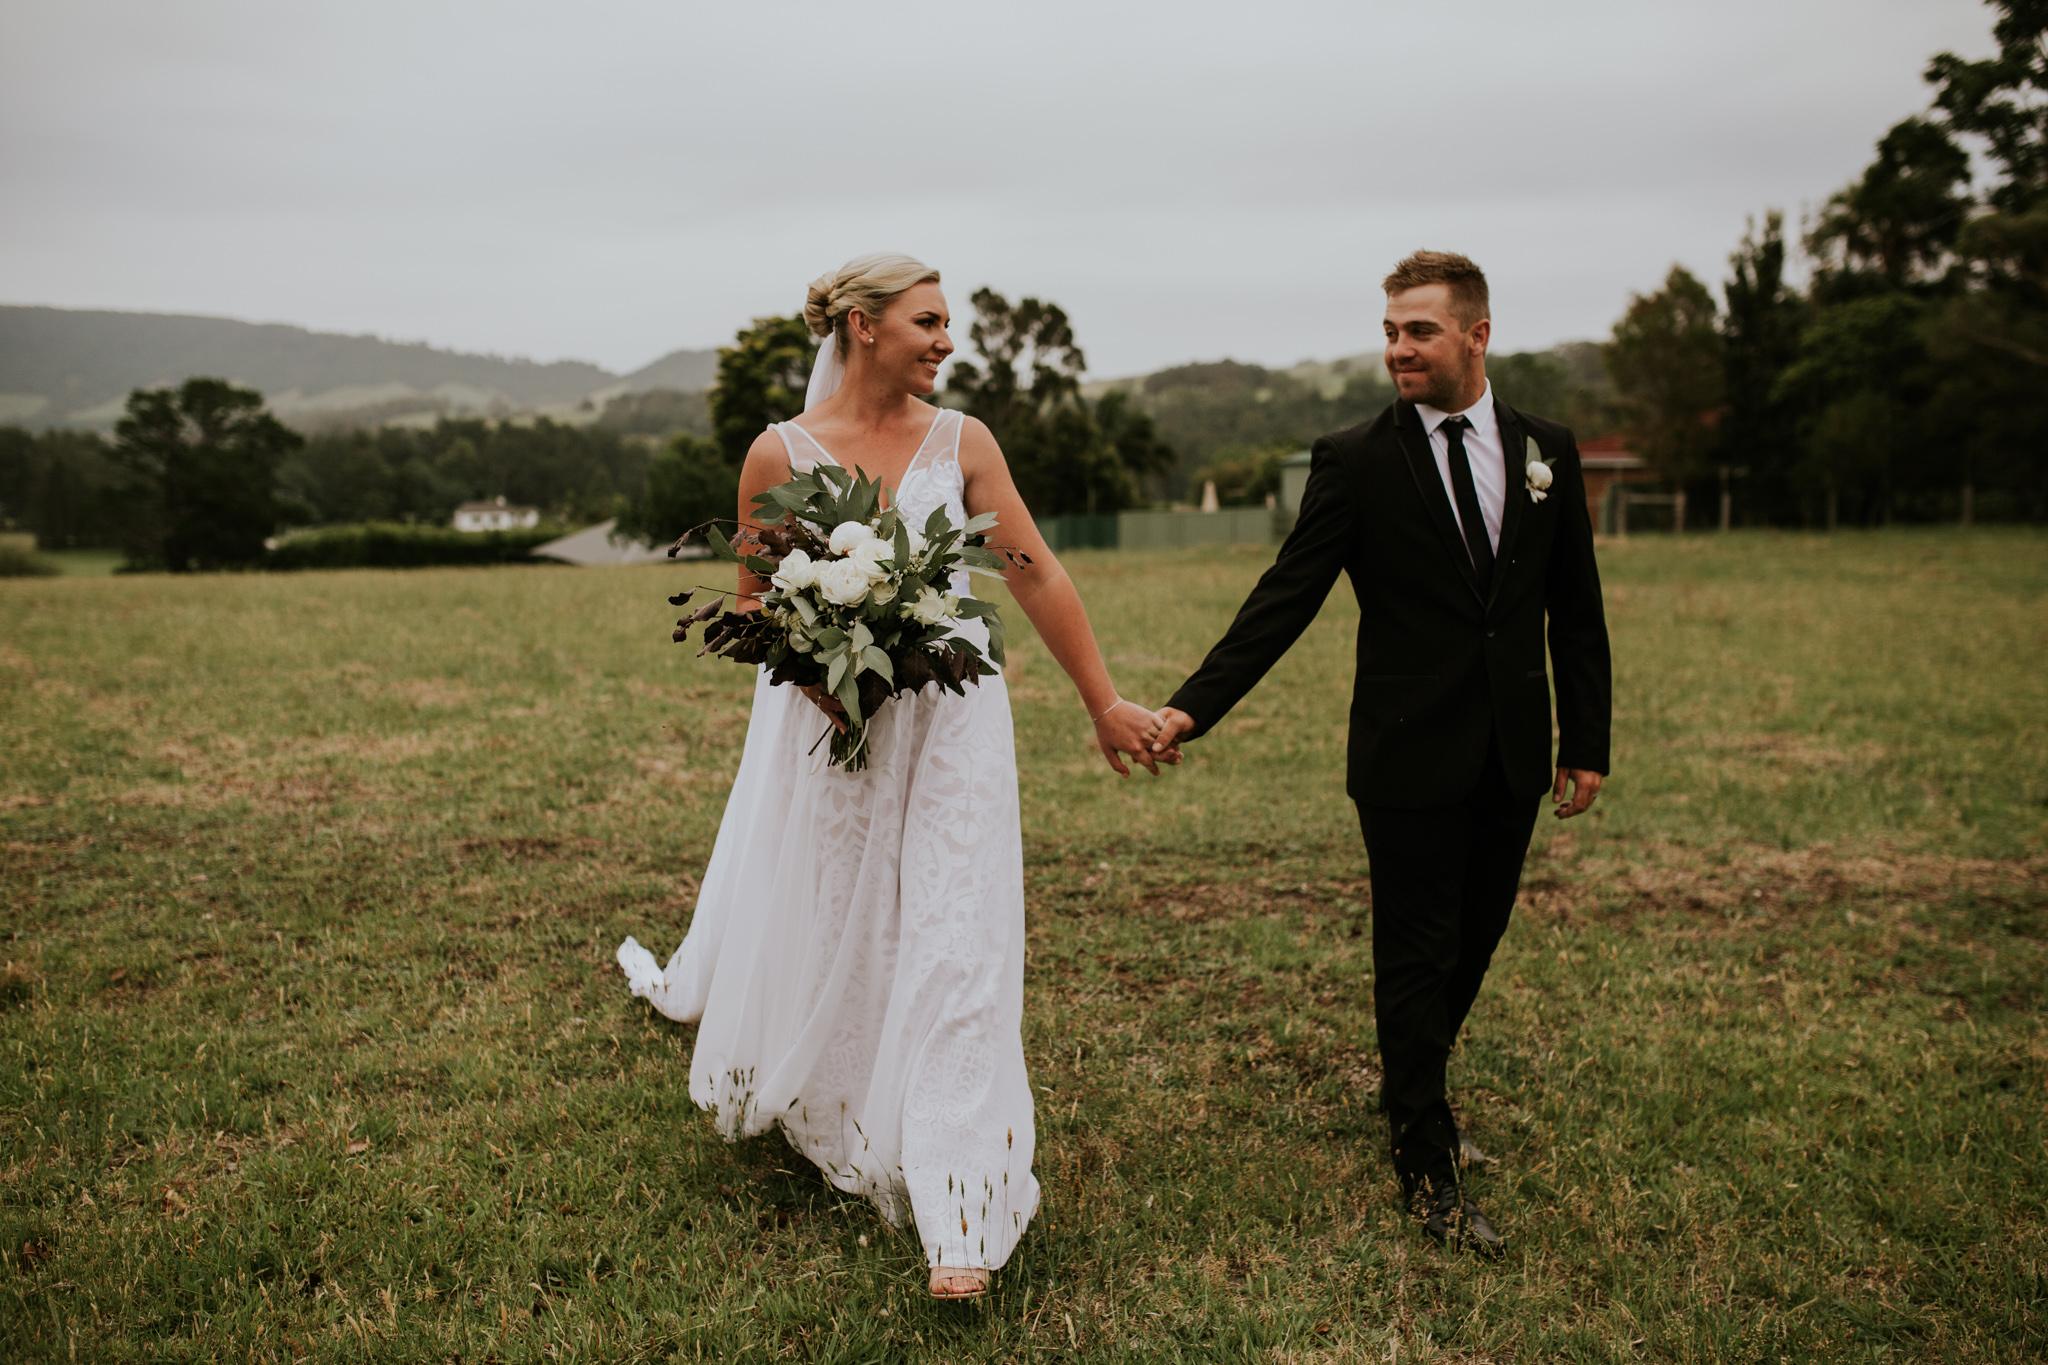 Lucy+Kyle+Kiama+Sebel+wedding-105.jpg